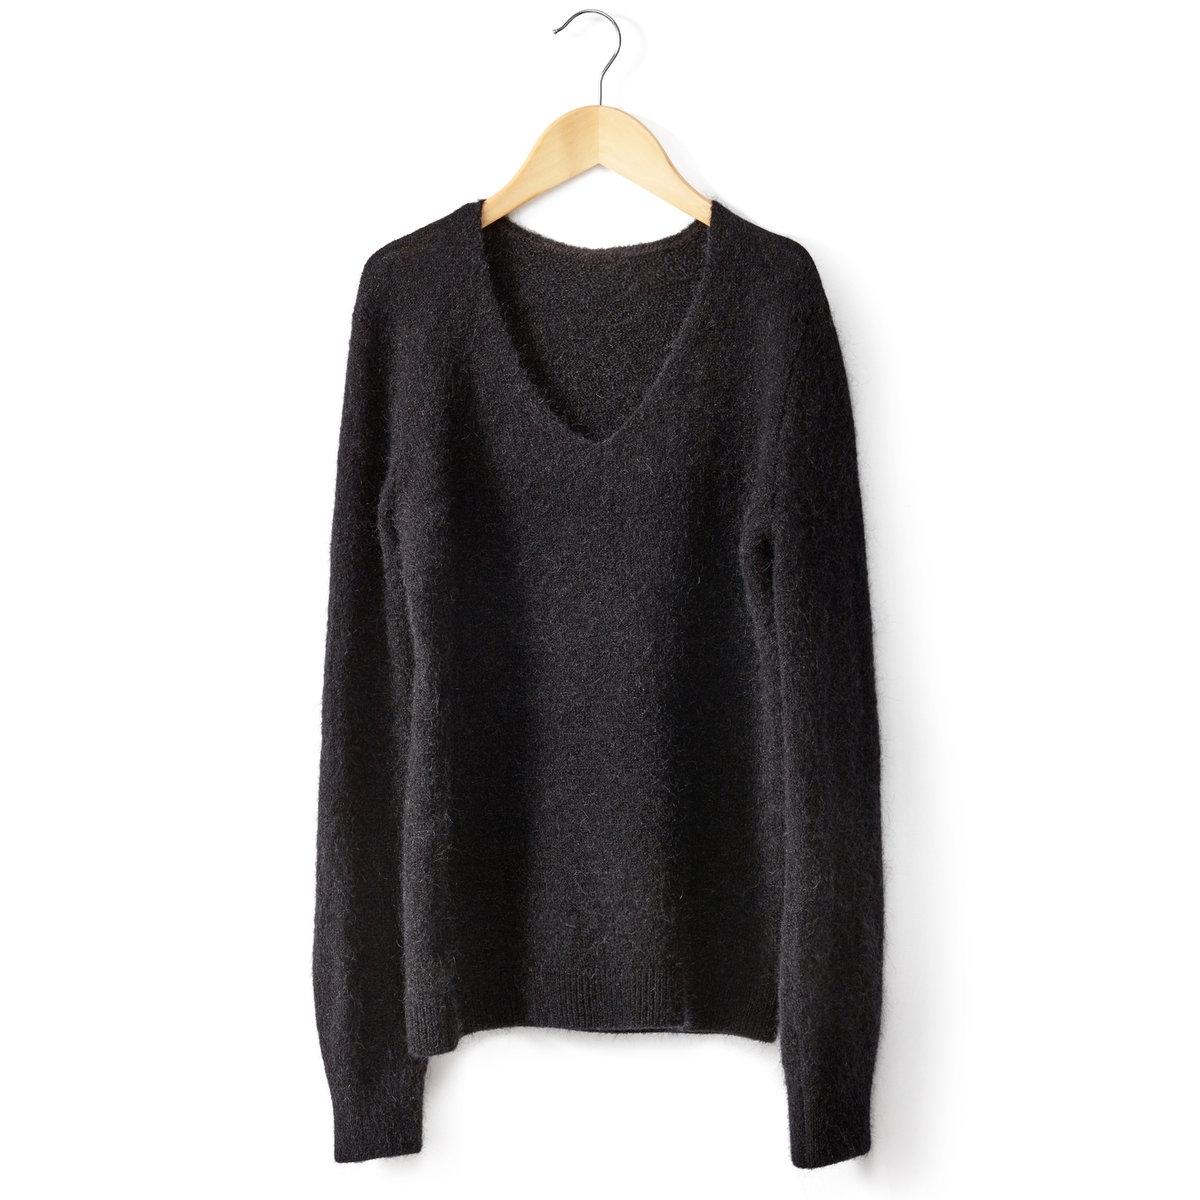 Пуловер из мохераПуловер с длинными рукавами . 32% шерсти, 32% мохера, 32% полиамида и 4% эластана . V-образный вырез  . Низ и края рукавов связаны в рубчик  .Пуловер из тонкого трикотажа, облегающий, создающий истинно женственный образ  !<br><br>Цвет: темно-синий,черный<br>Размер: 38/40 (FR) - 44/46 (RUS)